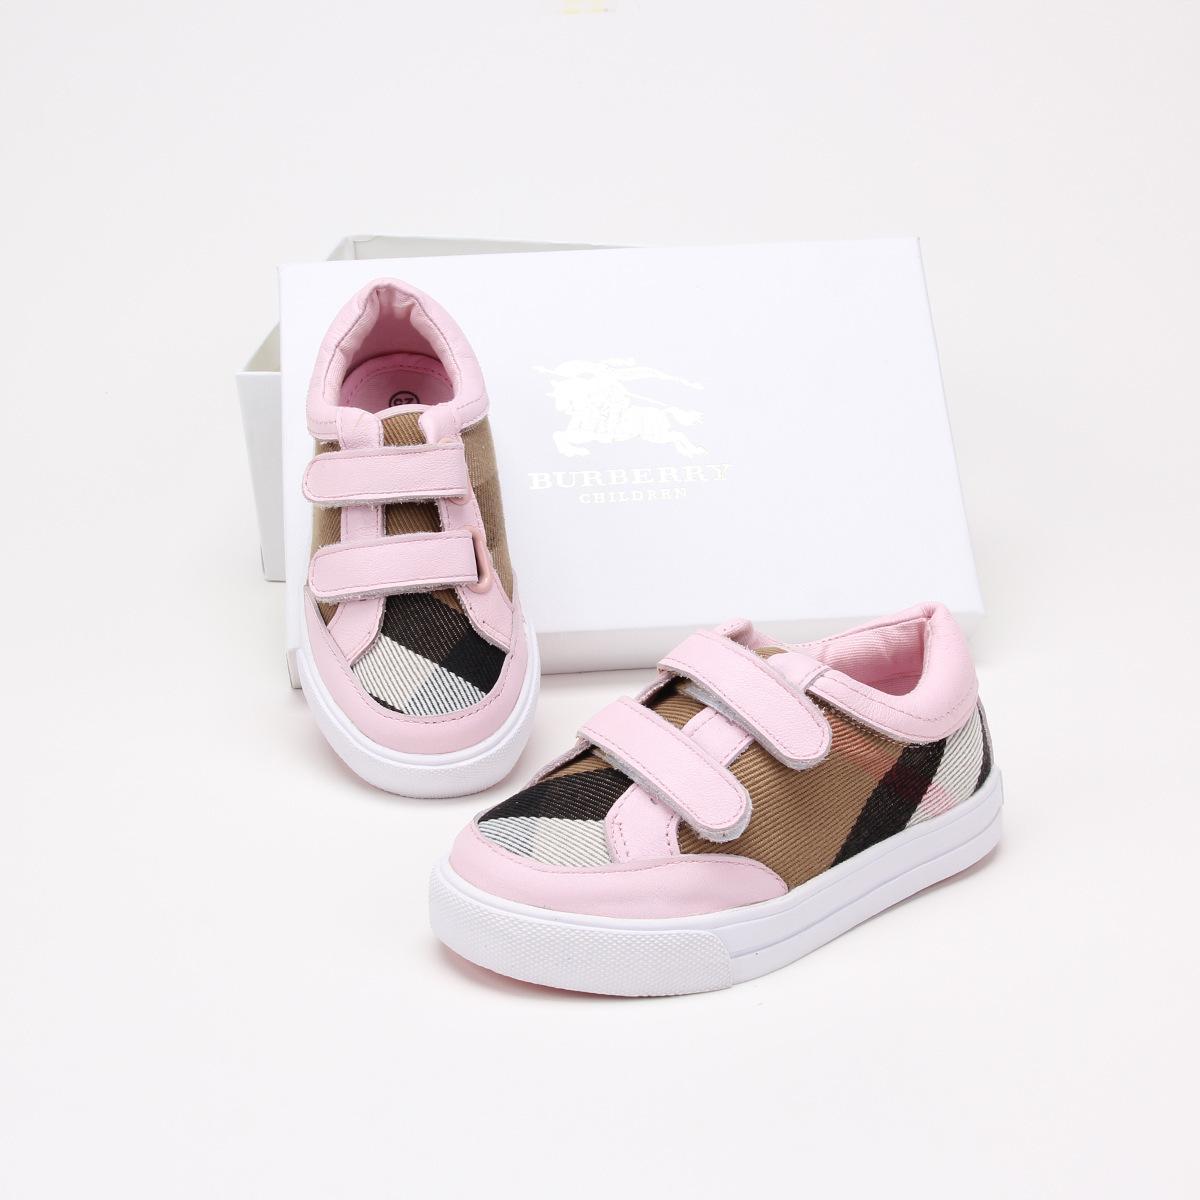 2f256a1a3c Compre Sapatos Infantis Primavera Eo Fundo De Outono Em Tong Zhen Pele  Sapatos Casuais Subsídios Magia Fashion Sneakers Todo O Jogo.